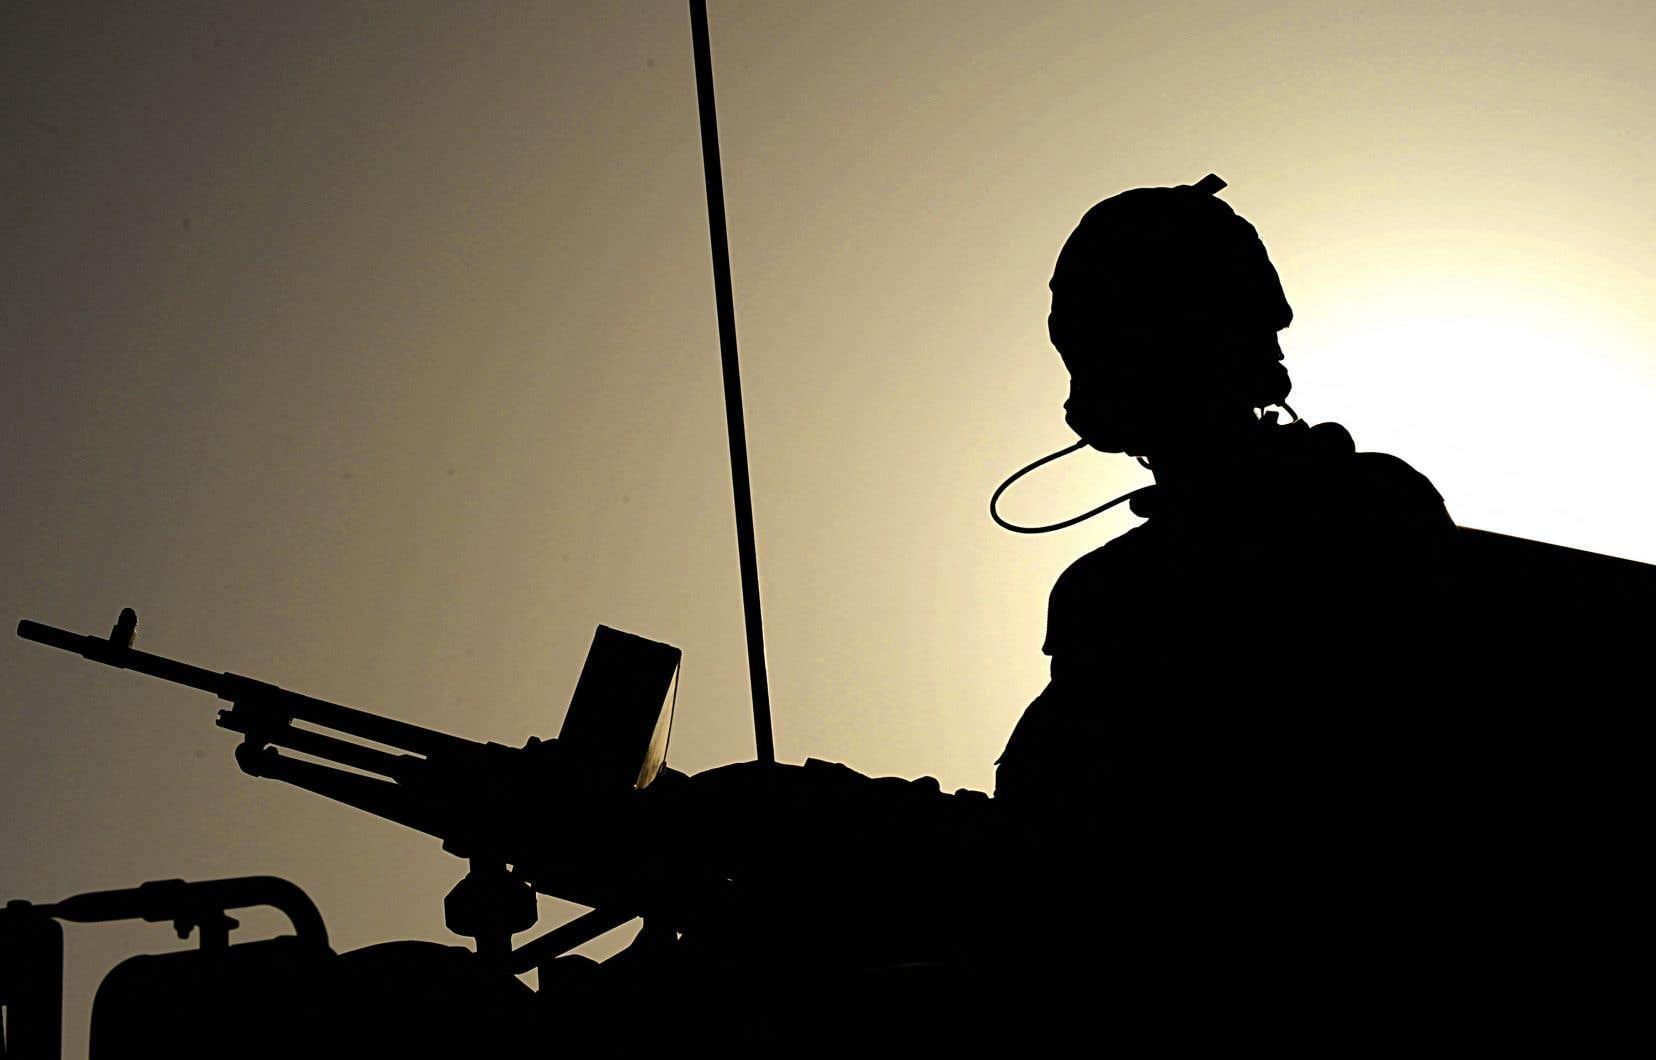 «Je souhaite qu'aucun soldat ne risque sa vie dans des missions n'étant pas constituées pour assurer l'atteinte d'objectifs durables», écrit l'autrice.